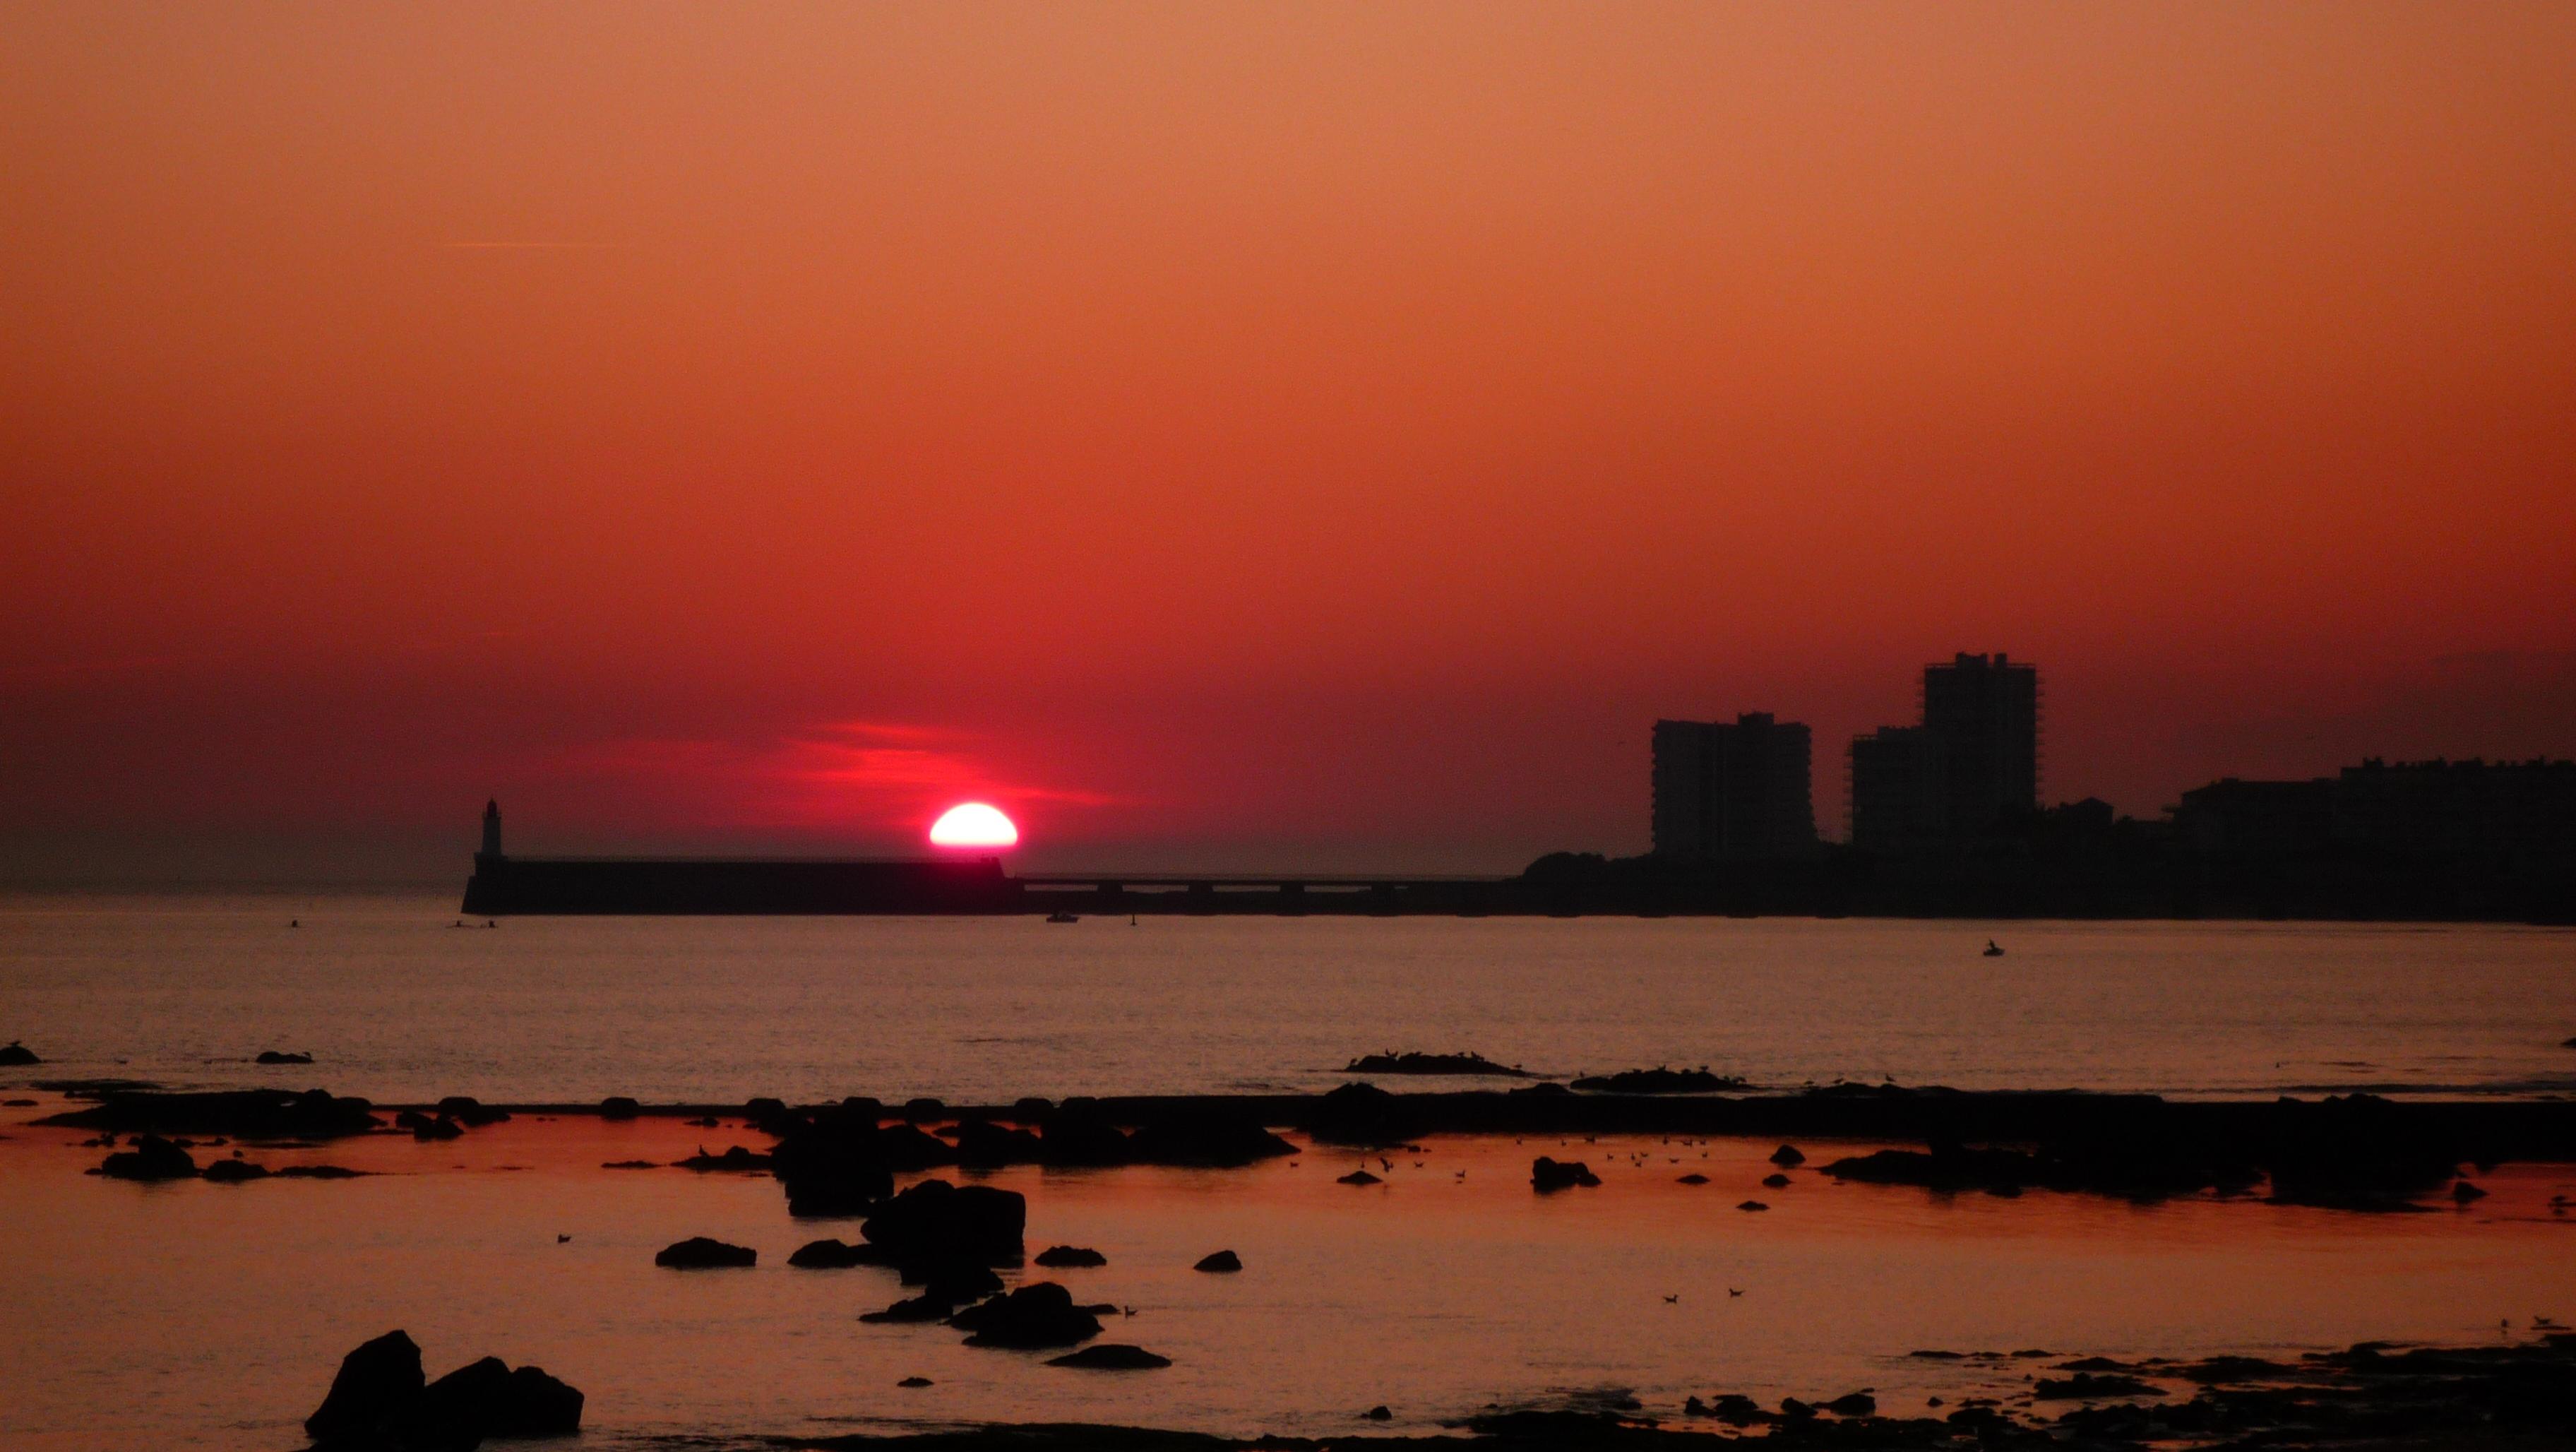 Pour ma famille heure de coucher du soleil octobre 2012 - Horaire coucher du soleil aujourd hui ...